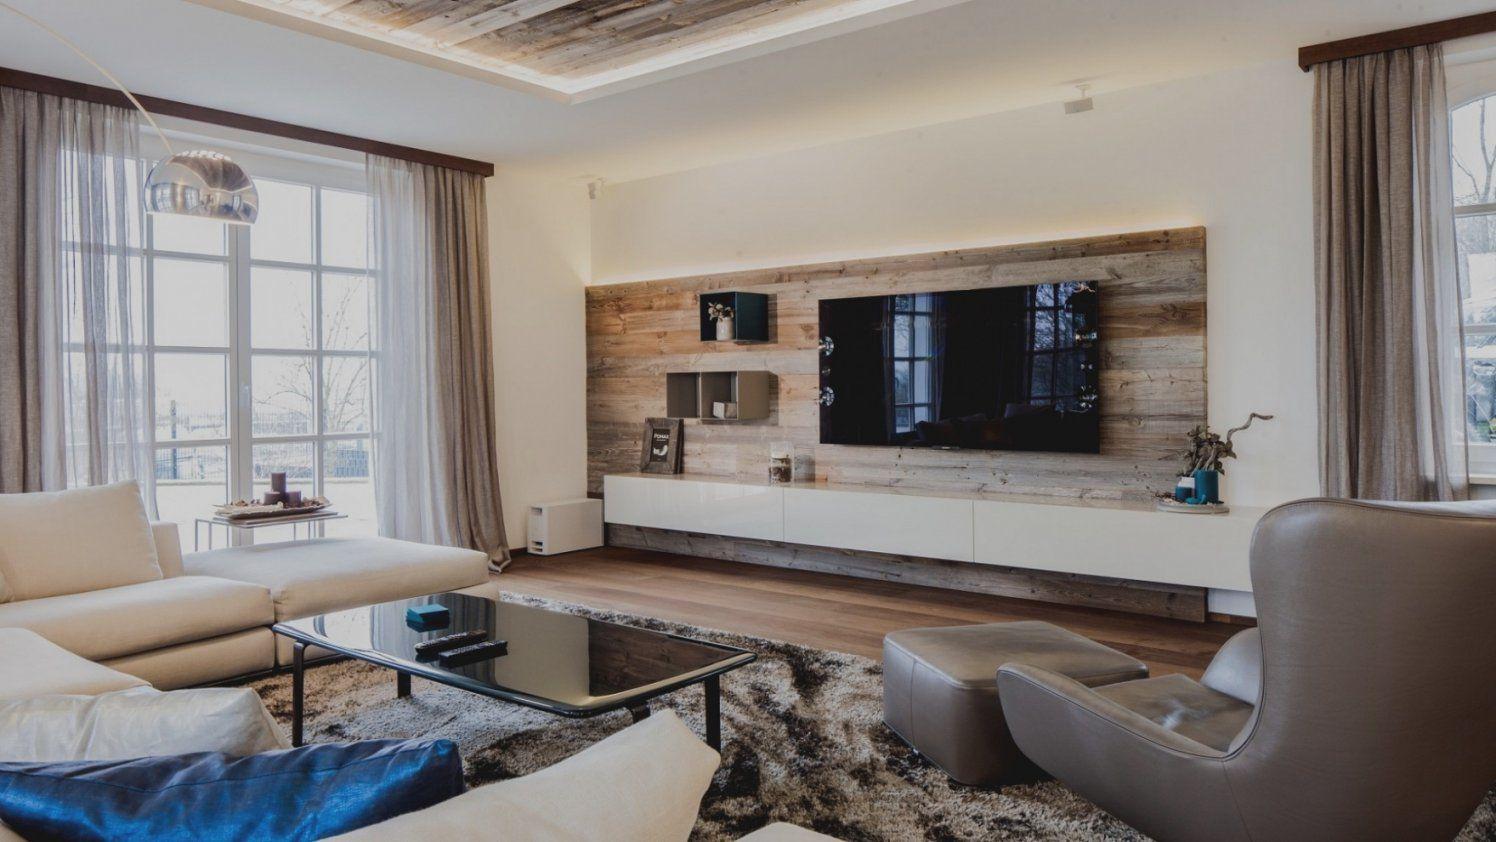 wohnzimmer renovieren ideen | creme kche simple finest holz